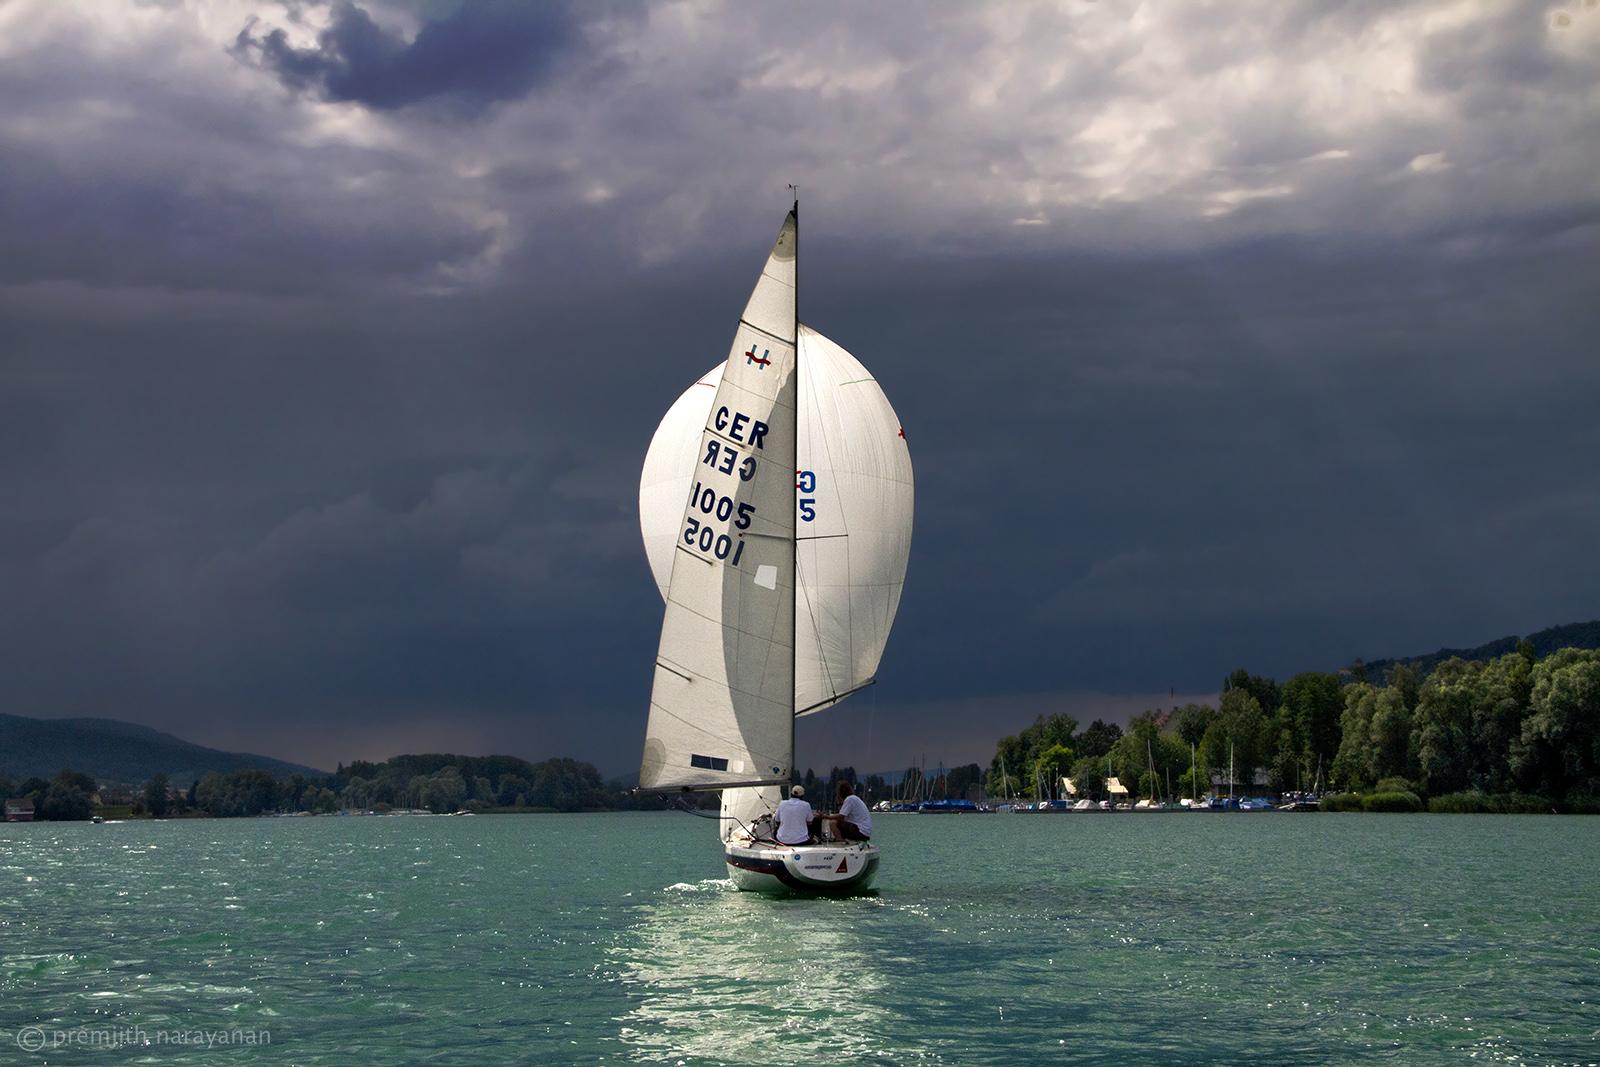 Sailing at 'Lake constance'-MK